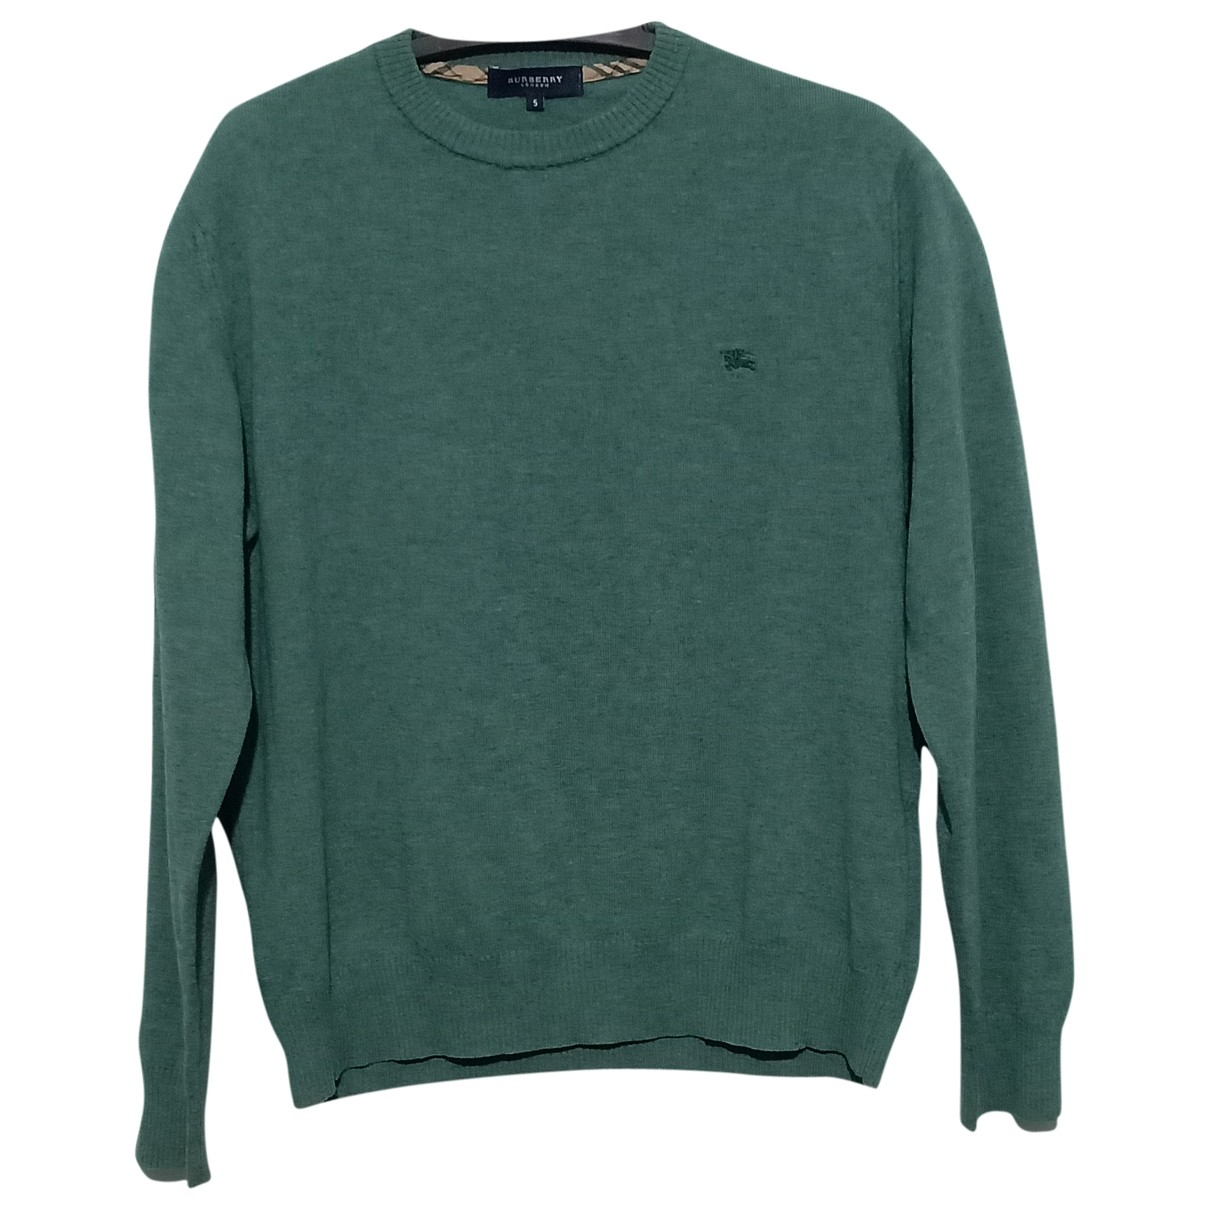 Burberry - Pulls.Gilets.Sweats   pour homme en laine - vert